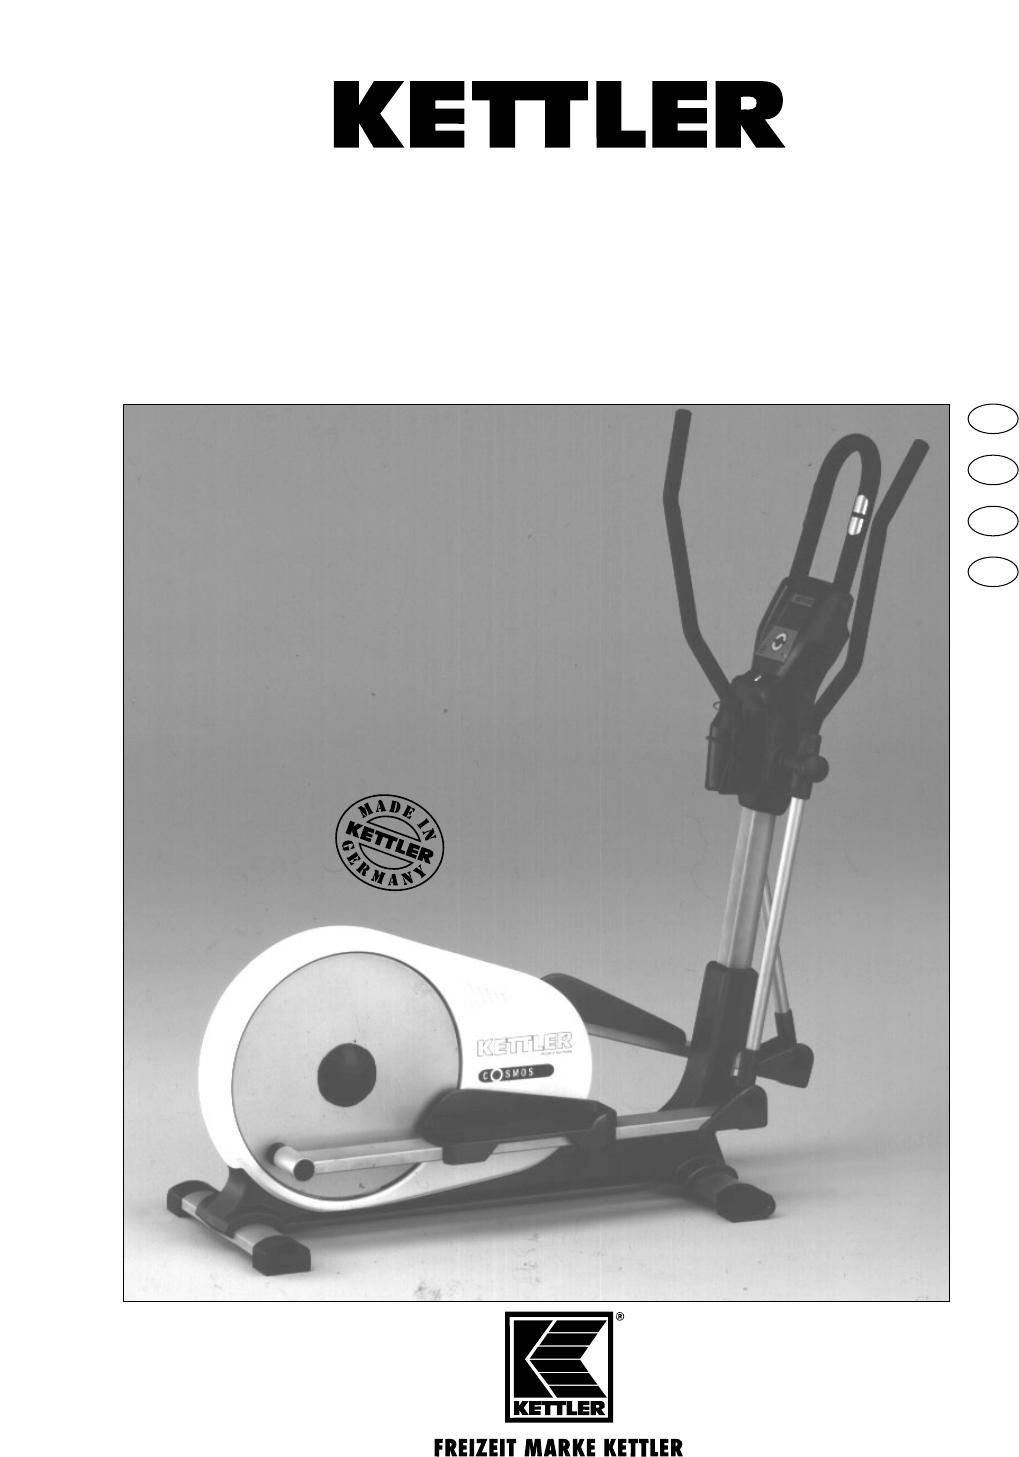 bedienungsanleitung kettler ctr 1 7858 600 seite 1 von 13 deutsch englisch franz sisch. Black Bedroom Furniture Sets. Home Design Ideas